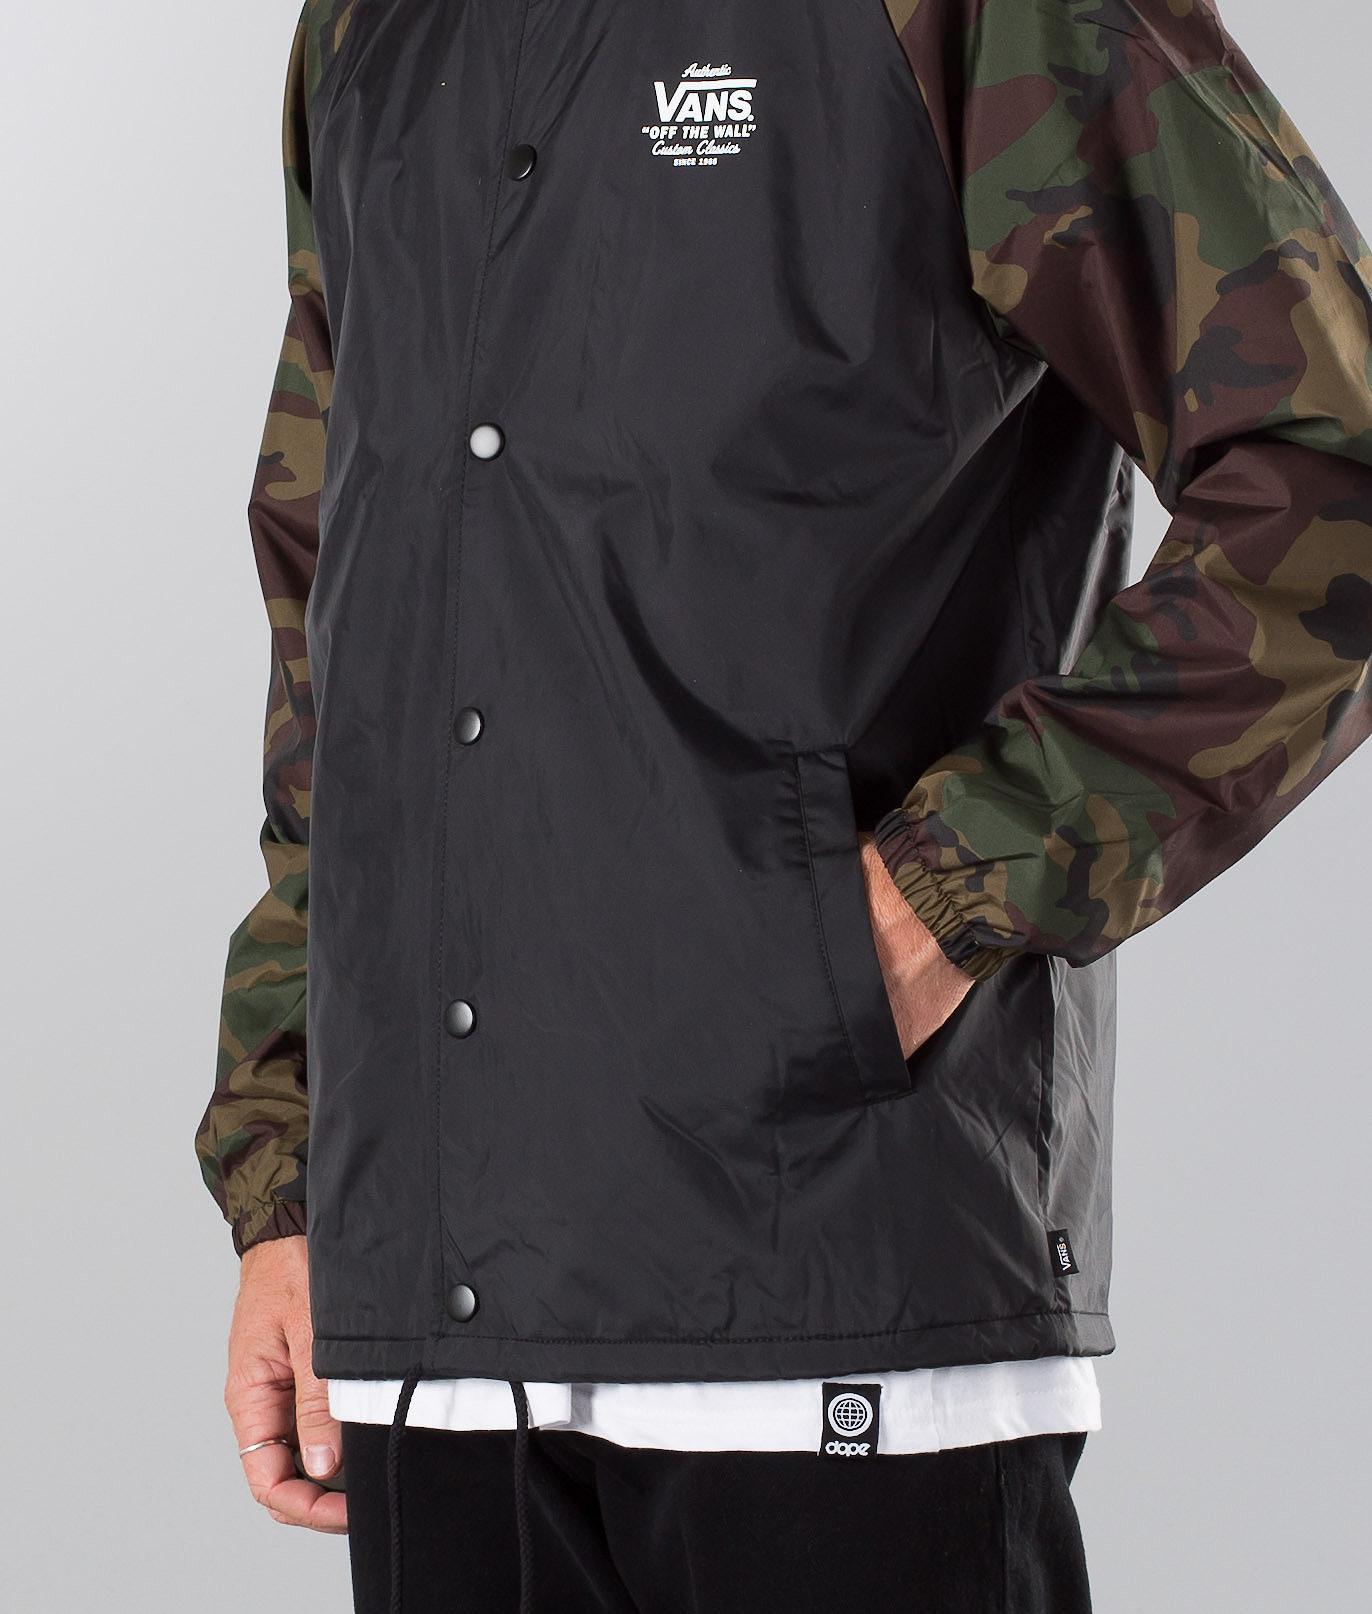 a1d914e2c67 Vans Torrey Jacket Black-Camo - Ridestore.com